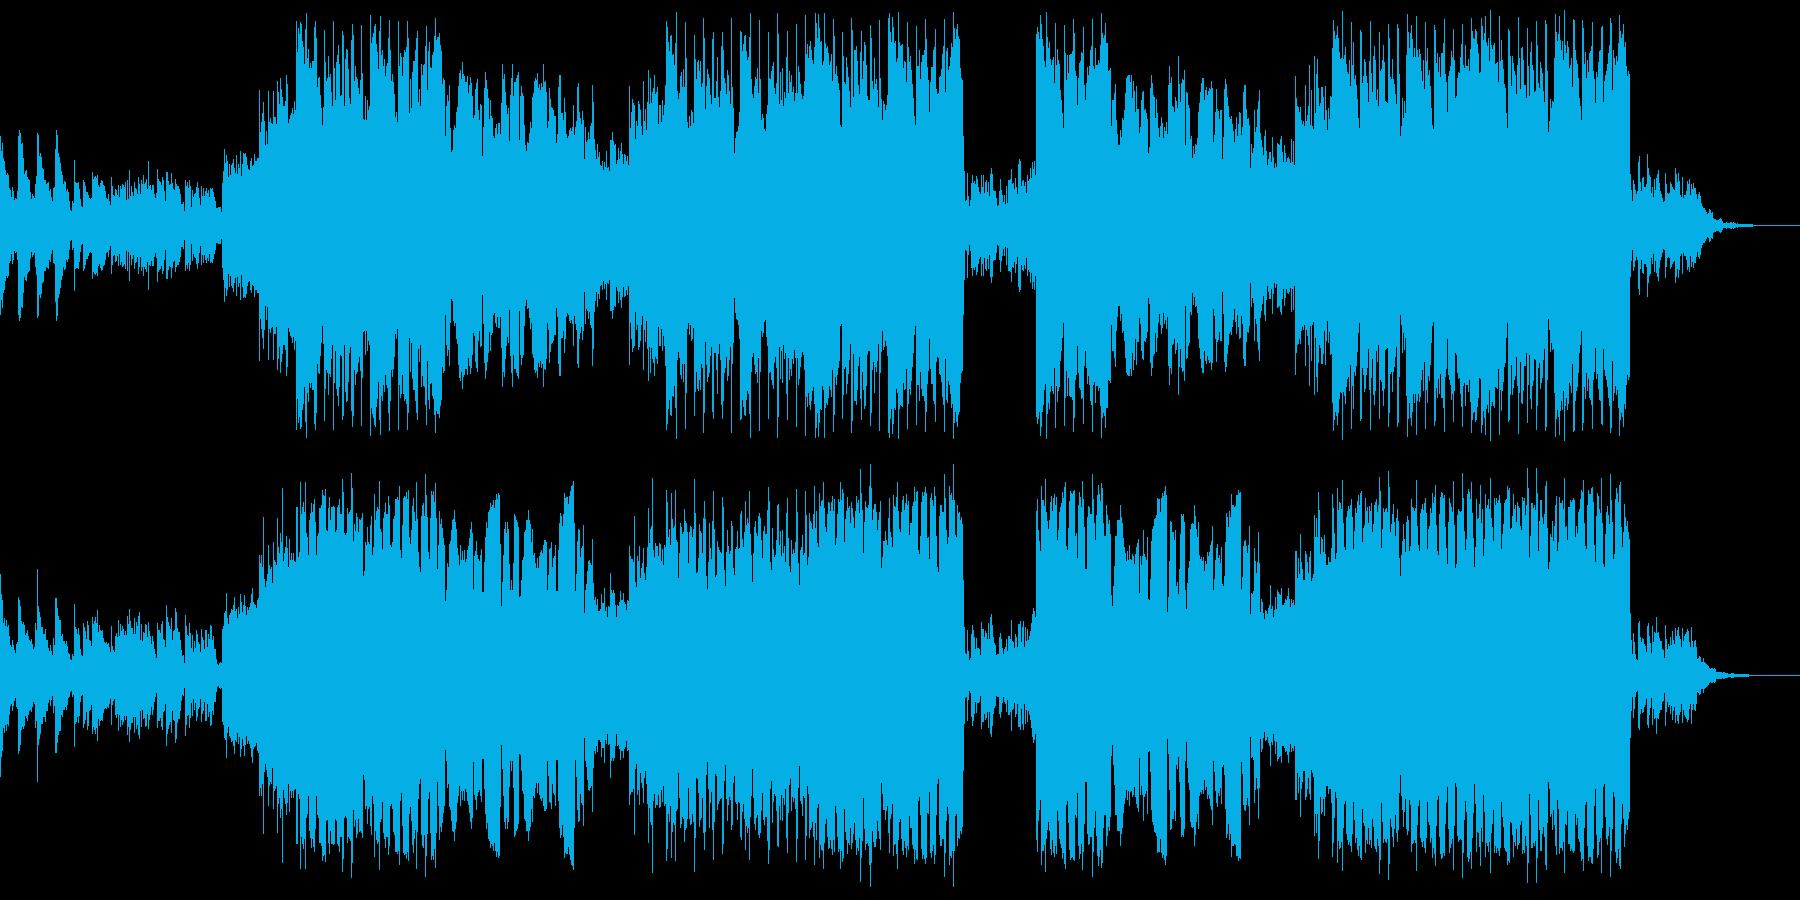 ハロウィン用BGM③壮大なテーマ曲の再生済みの波形